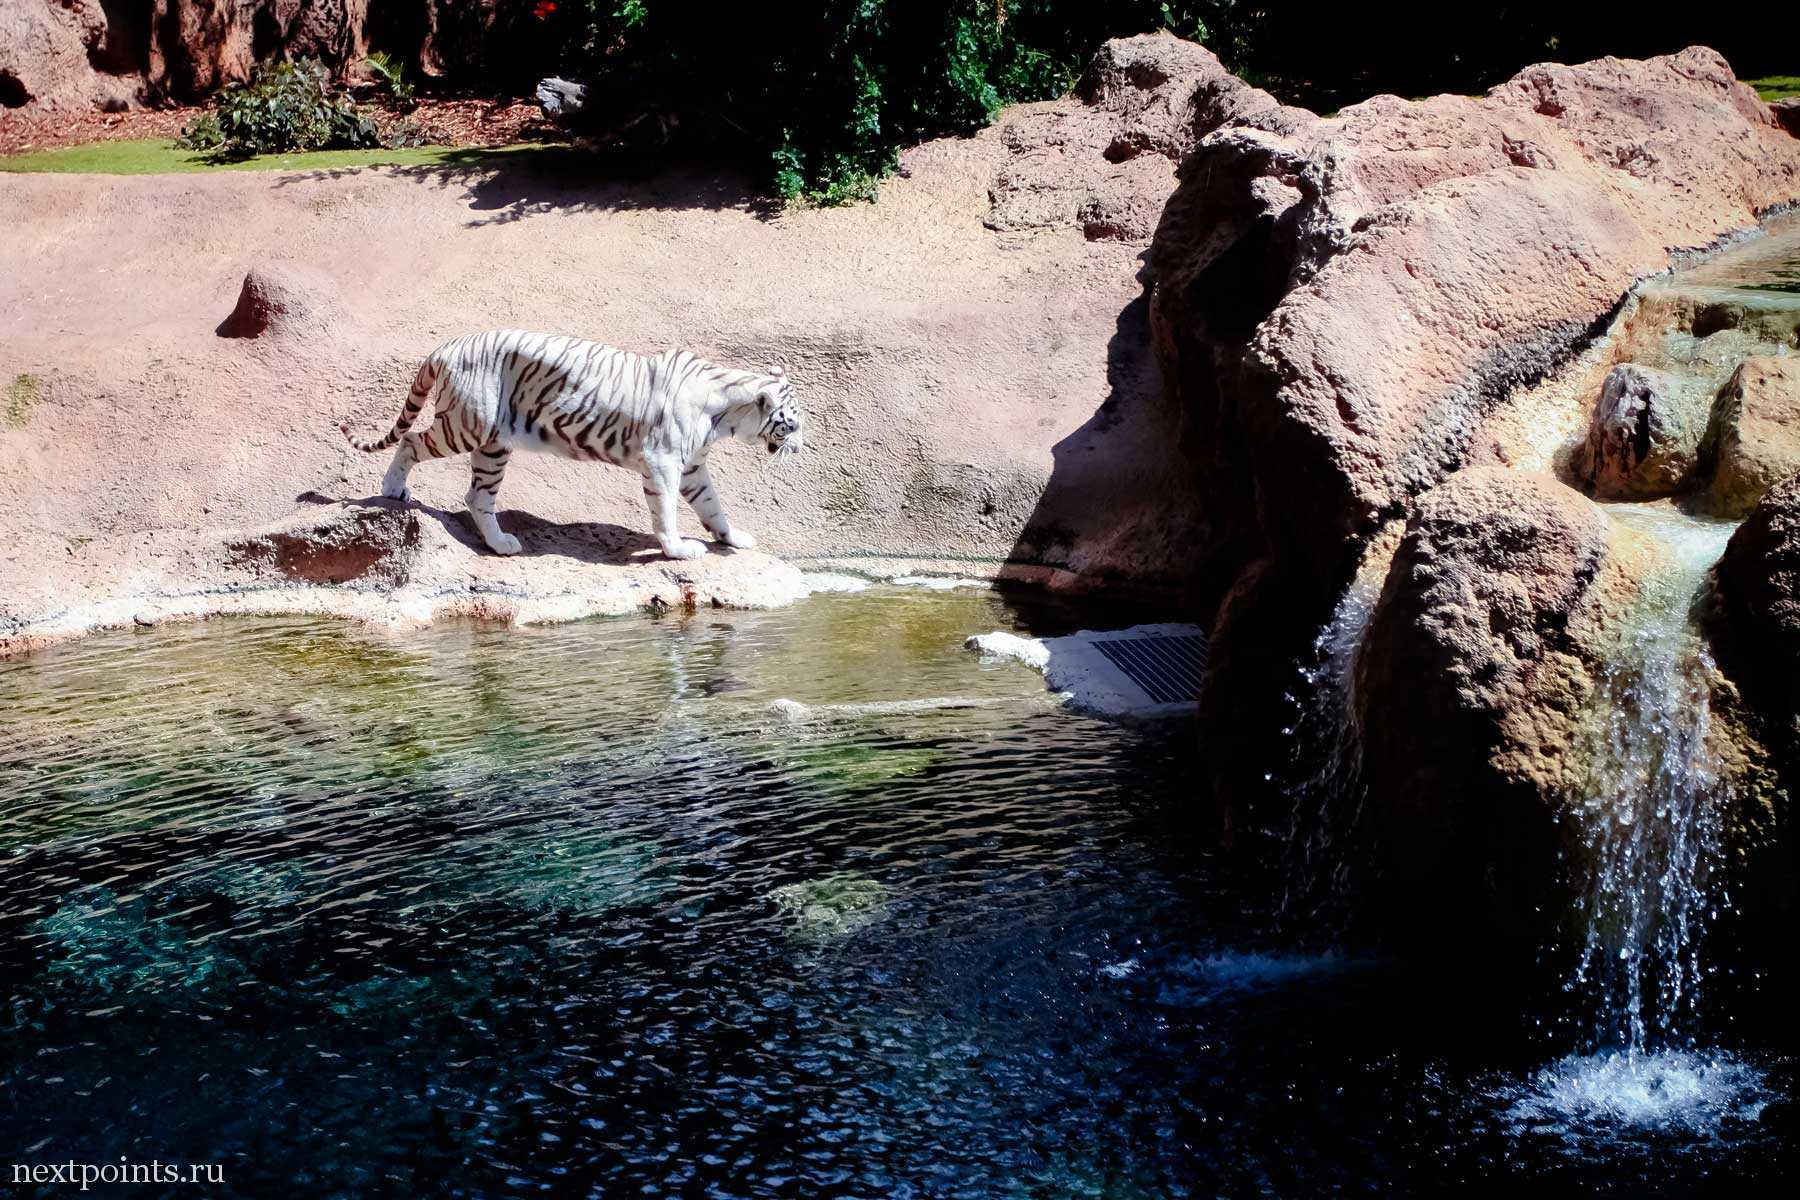 Тигр идет на водопой в Лоро Парке